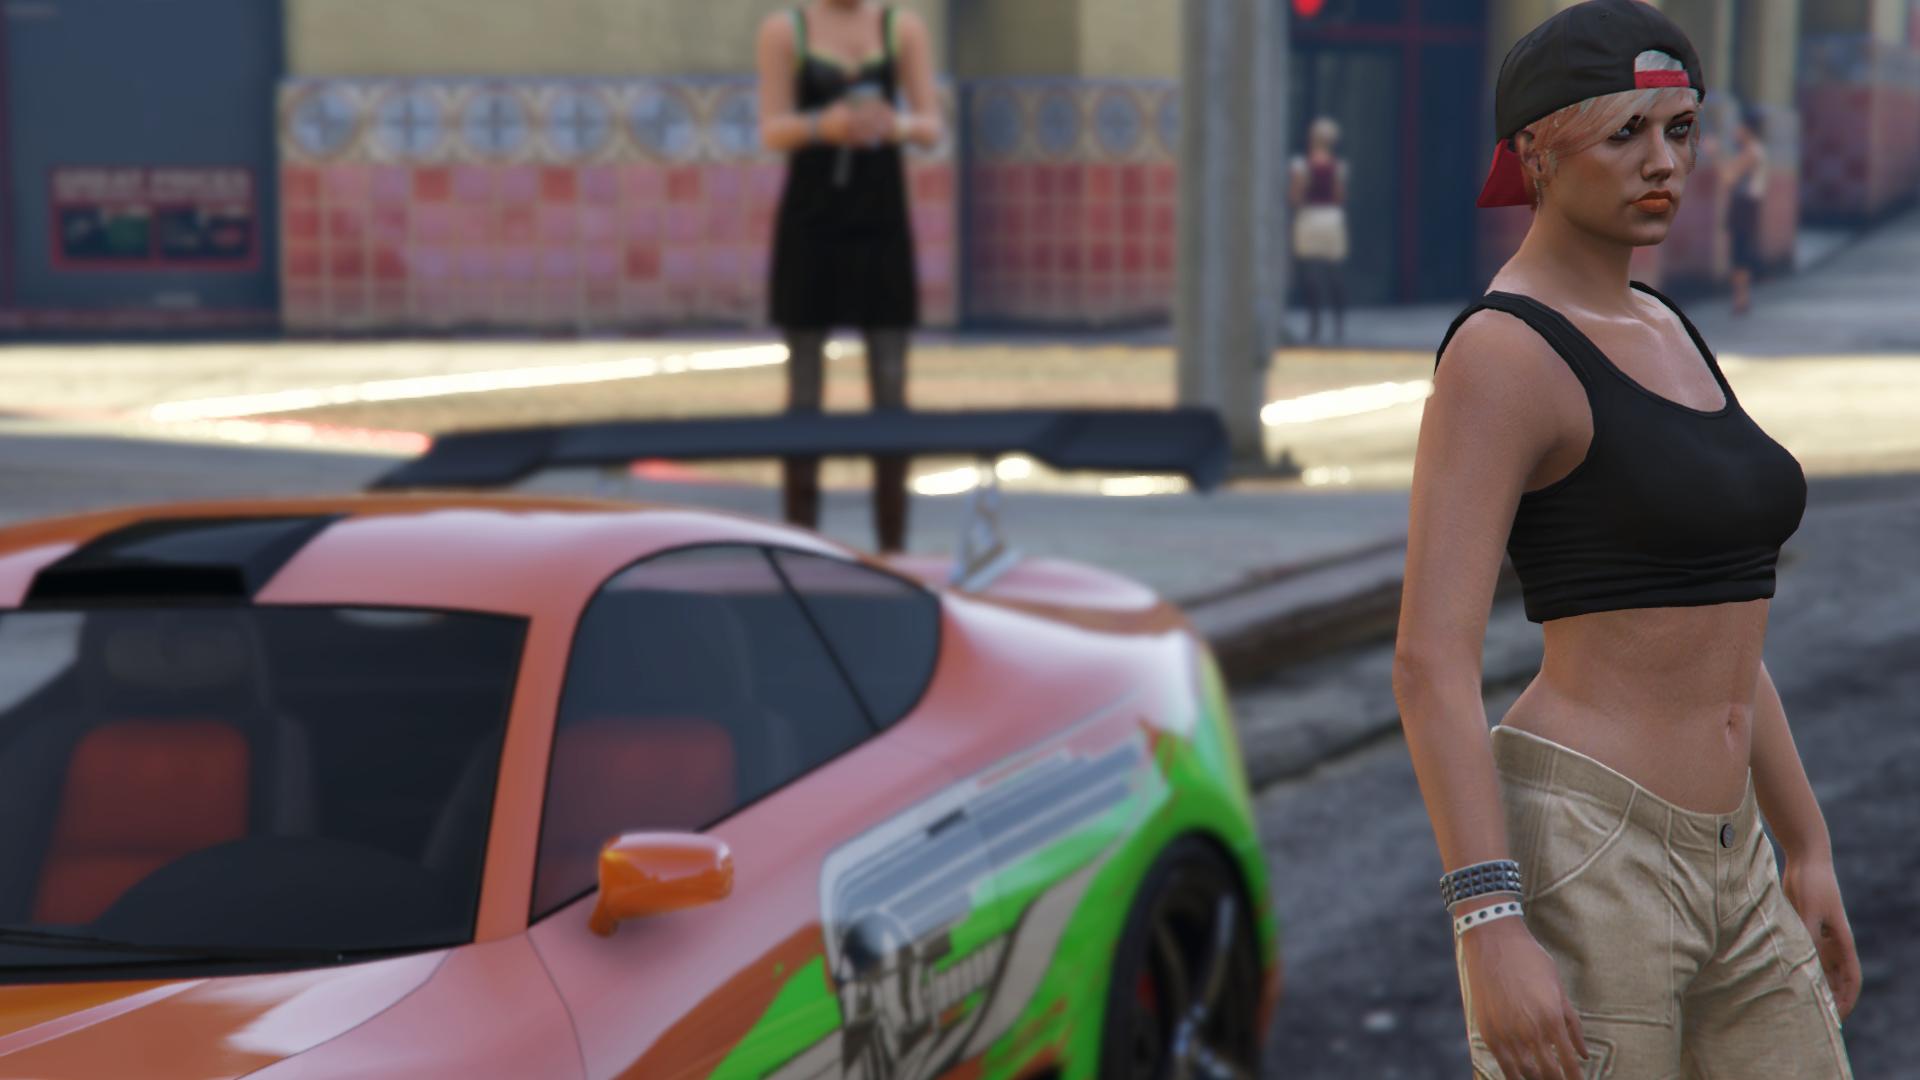 21.09.2019_16-36-05-ejddzc1t.png - Grand Theft Auto 5